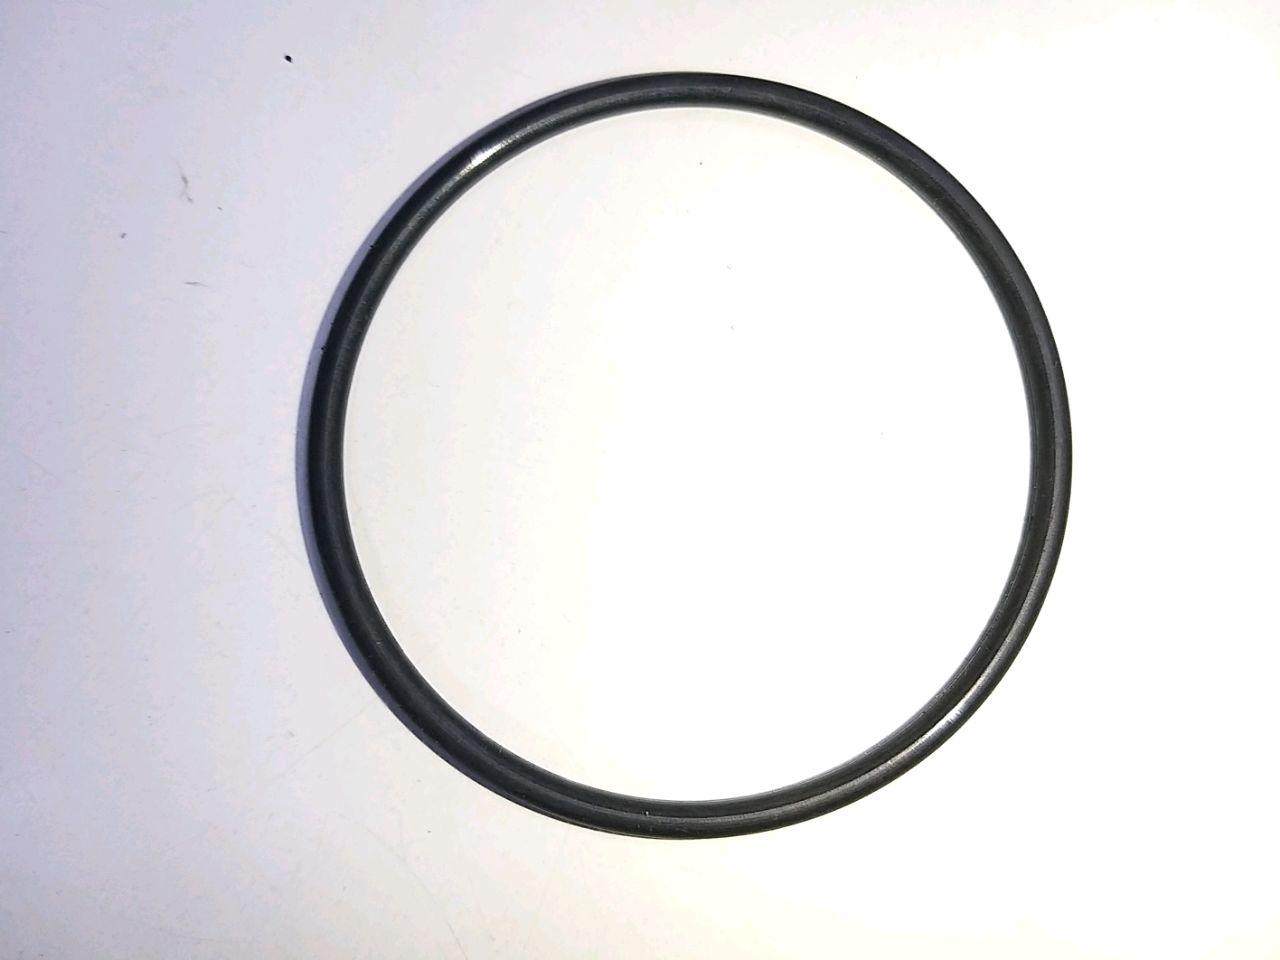 Inel de etansareе 070-075-3.0